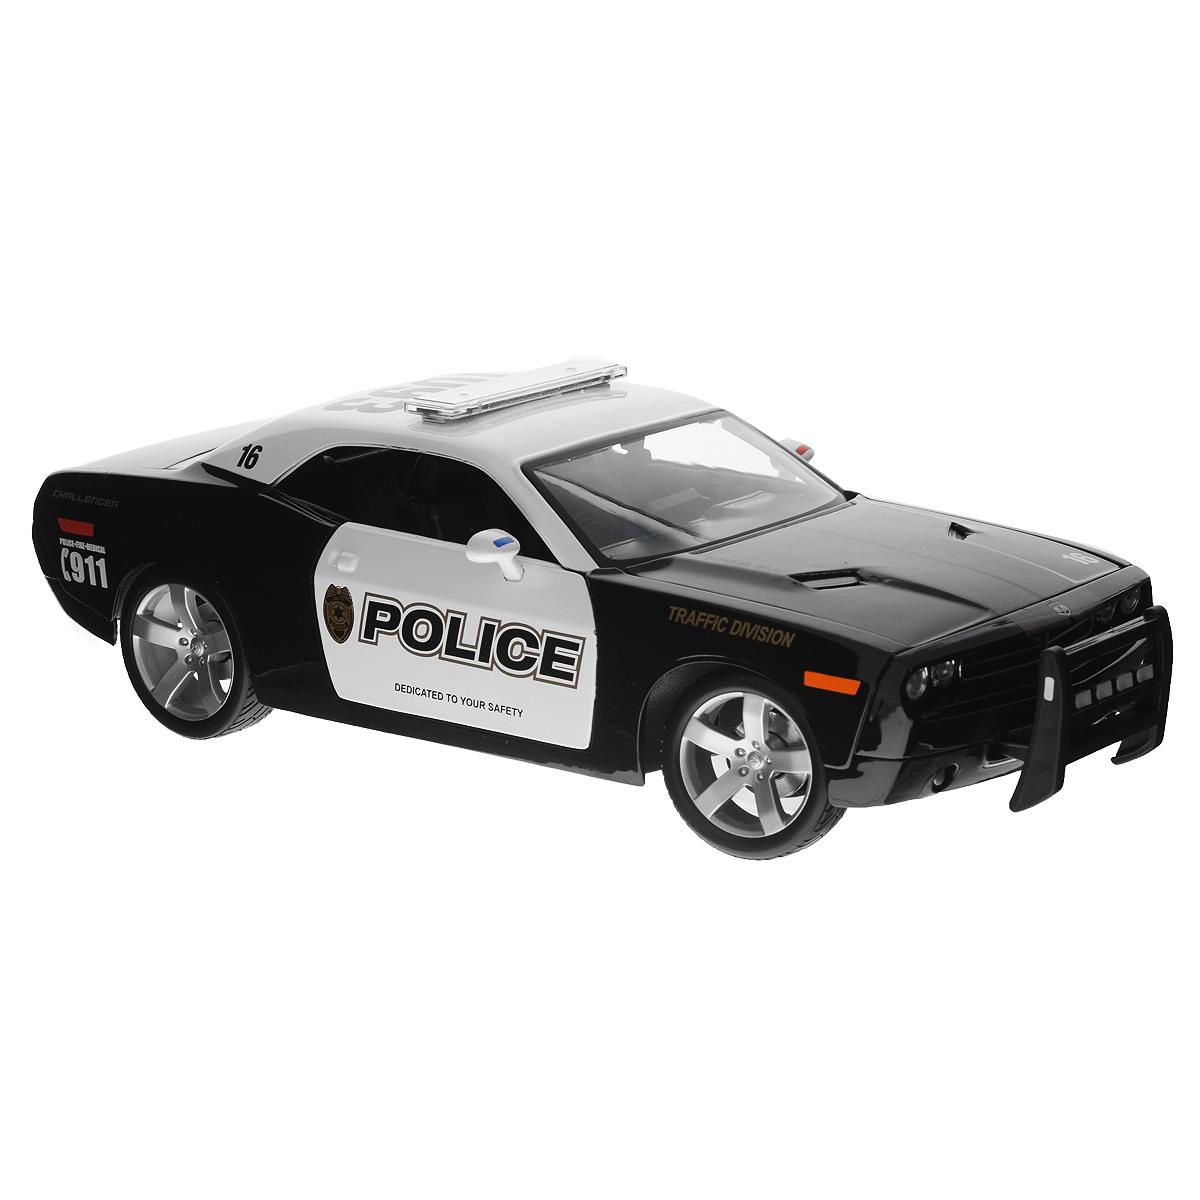 Maisto Модель автомобиля Dodge Challenger Concept31365Коллекционная модель Maisto Dodge Challenger Concept - миниатюрная копия настоящего полицейского автомобиля. Стильная модель автомобиля привлечет к себе внимание не только детей, но и взрослых. Модель имеет литой металлический корпус с высокой детализацией двигателя, интерьера салона, дисков, протекторов, выхлопной системы, оснащена колесами из мягкой резины. У машинки открываются дверцы, капот и багажник. Модель располагается на пластиковой подставке. Игрушка в точности повторяет модель оригинальной техники, подробная детализация в полной мере позволит вам оценить высокую точность копии этой машины! Такая модель станет отличным подарком не только любителю автомобилей, но и человеку, ценящему оригинальность и изысканность, а качество исполнения представит такой подарок в самом лучшем свете.